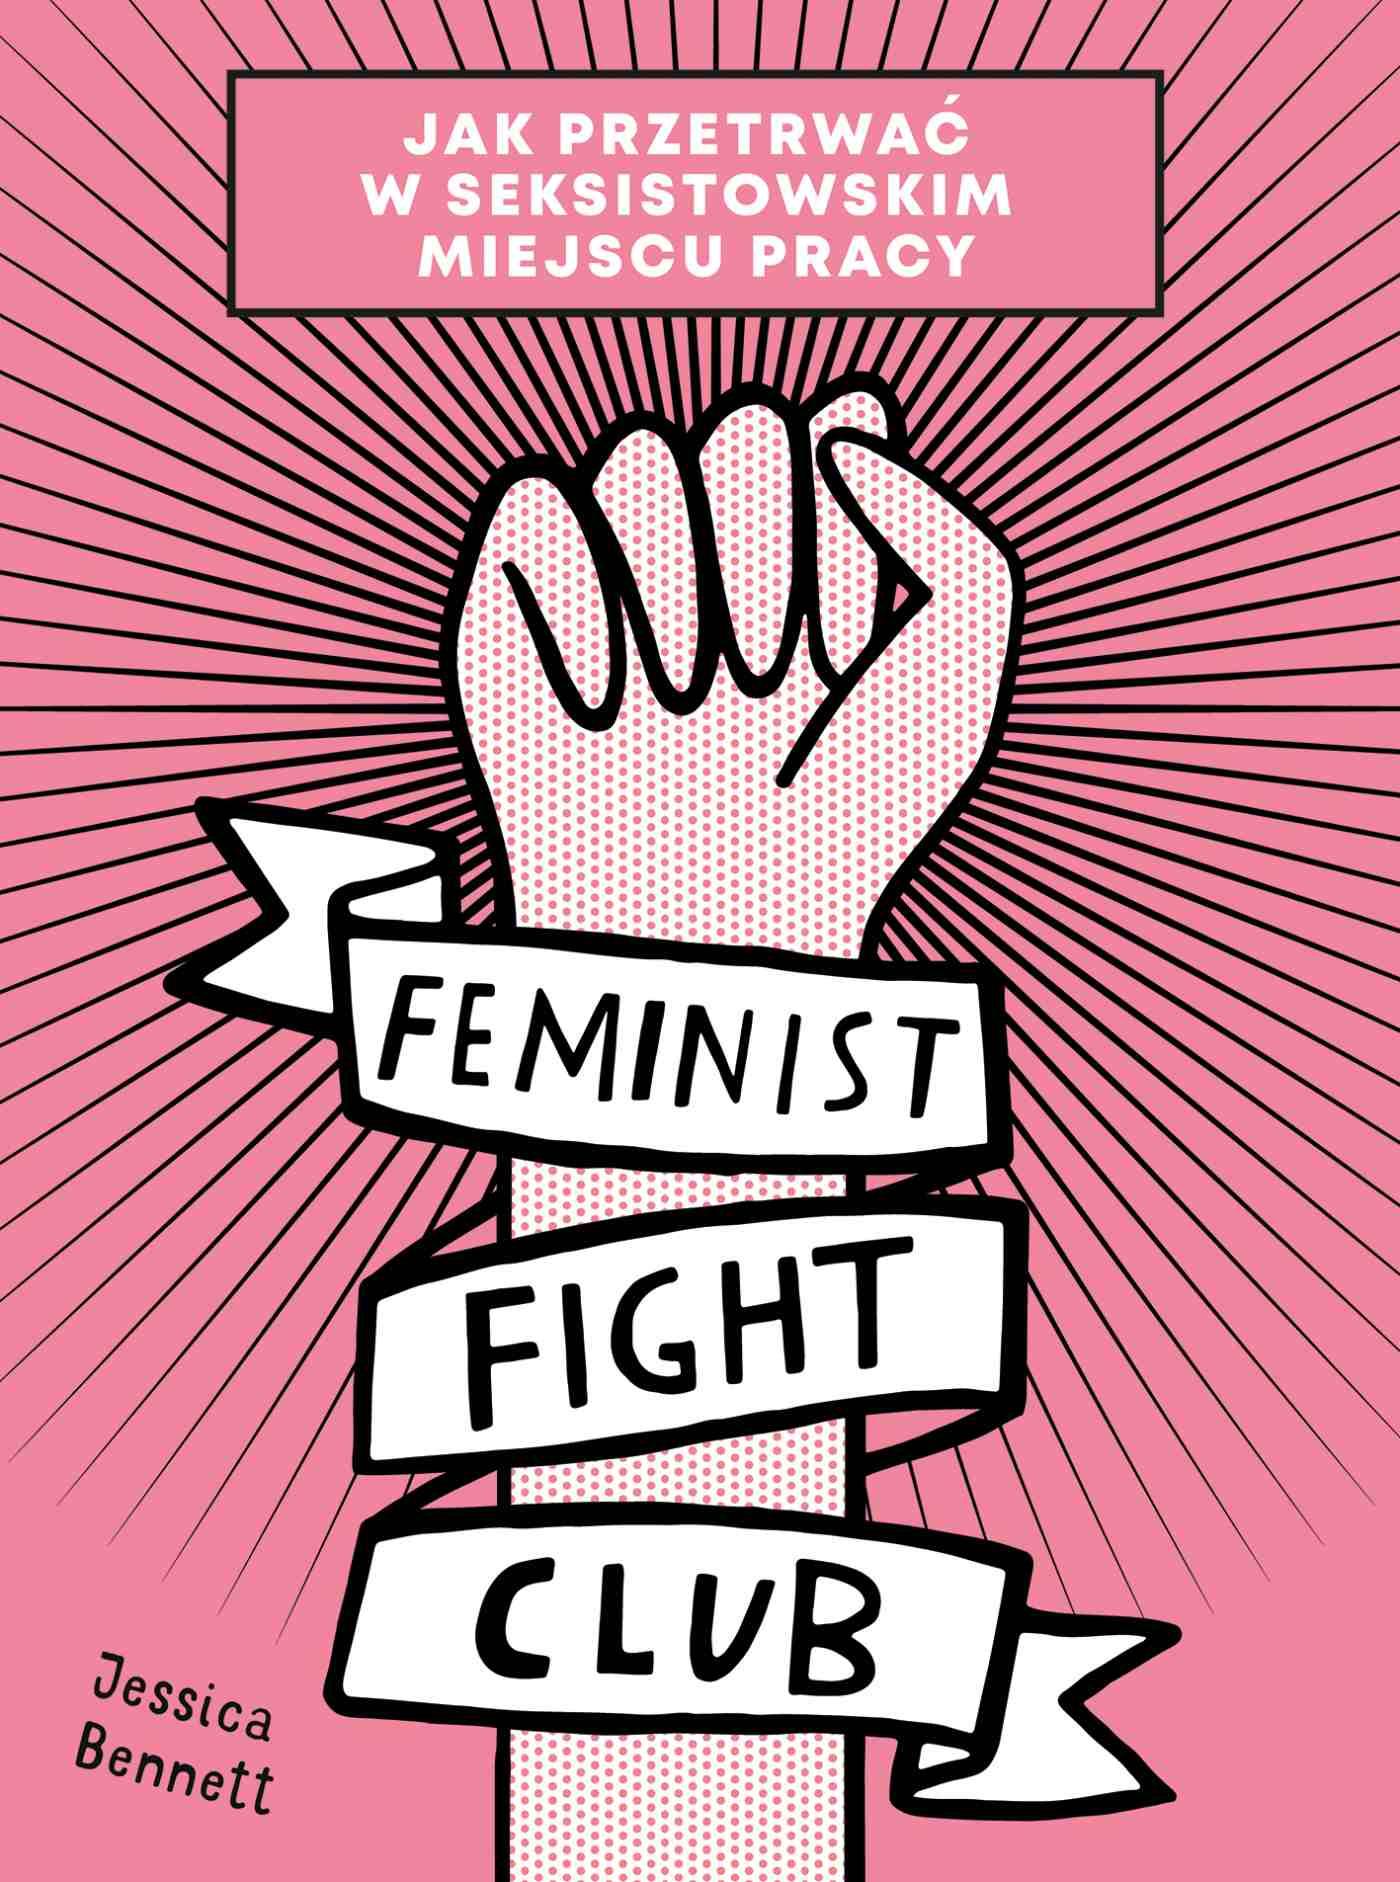 Feminist Fight Club. Jak przetrwać w seksistowskim miejscu pracy - Ebook (Książka na Kindle) do pobrania w formacie MOBI